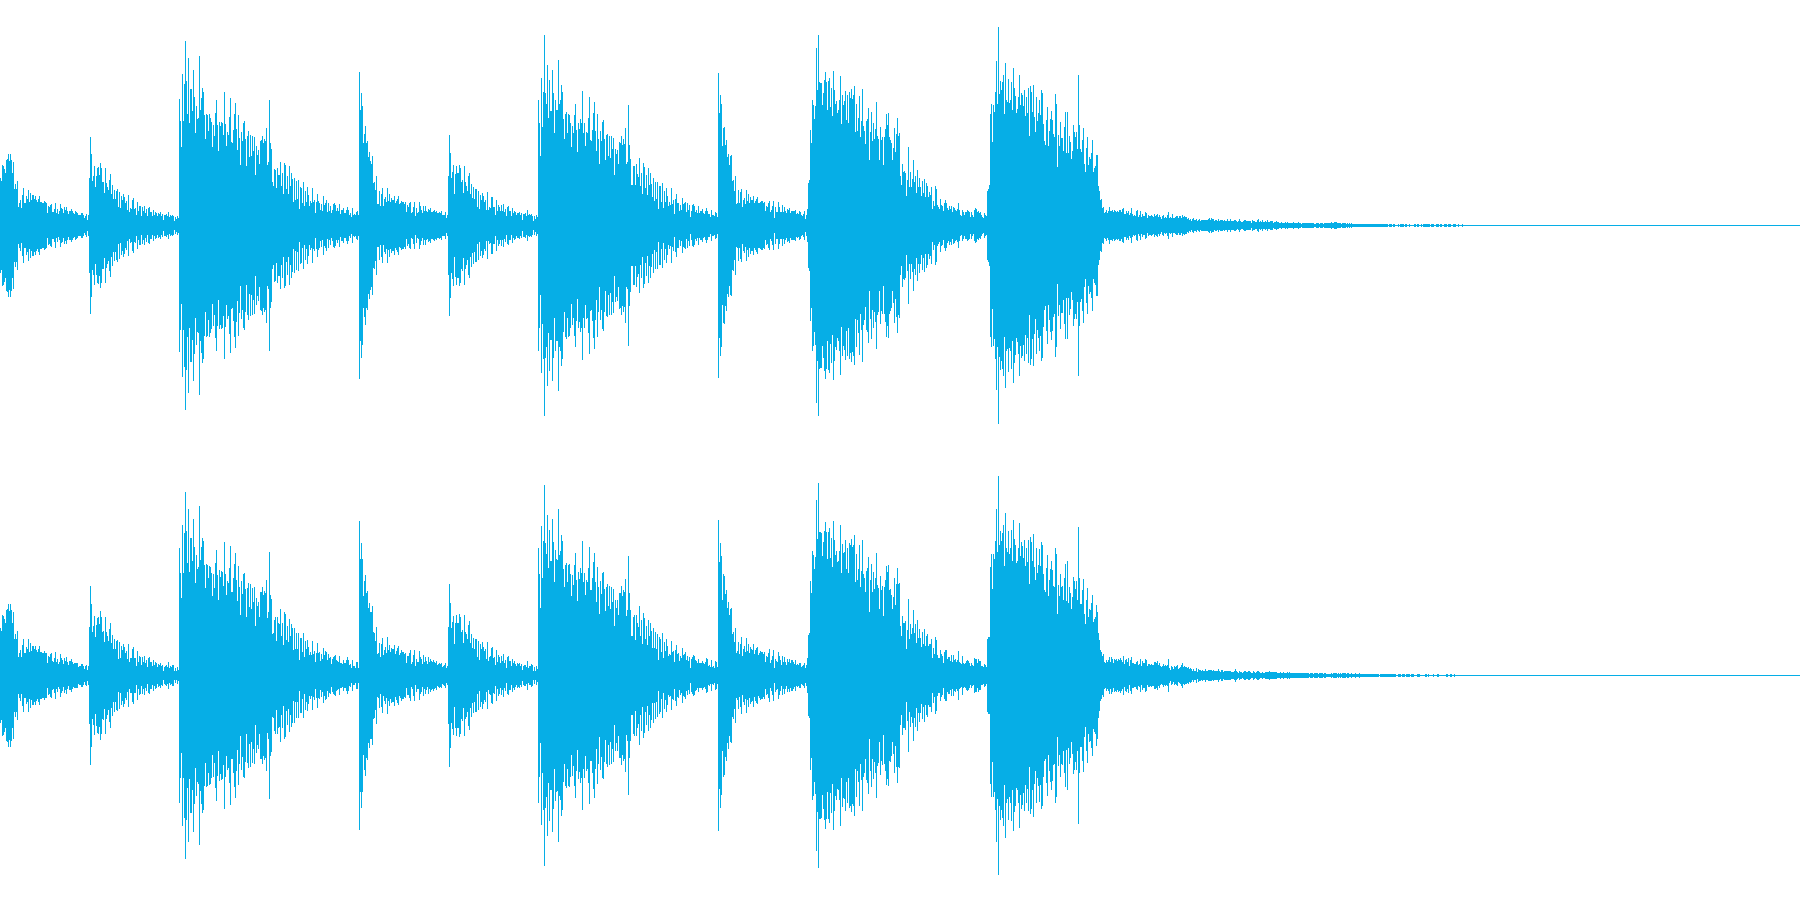 ギターのカッティング(ジングル)の再生済みの波形